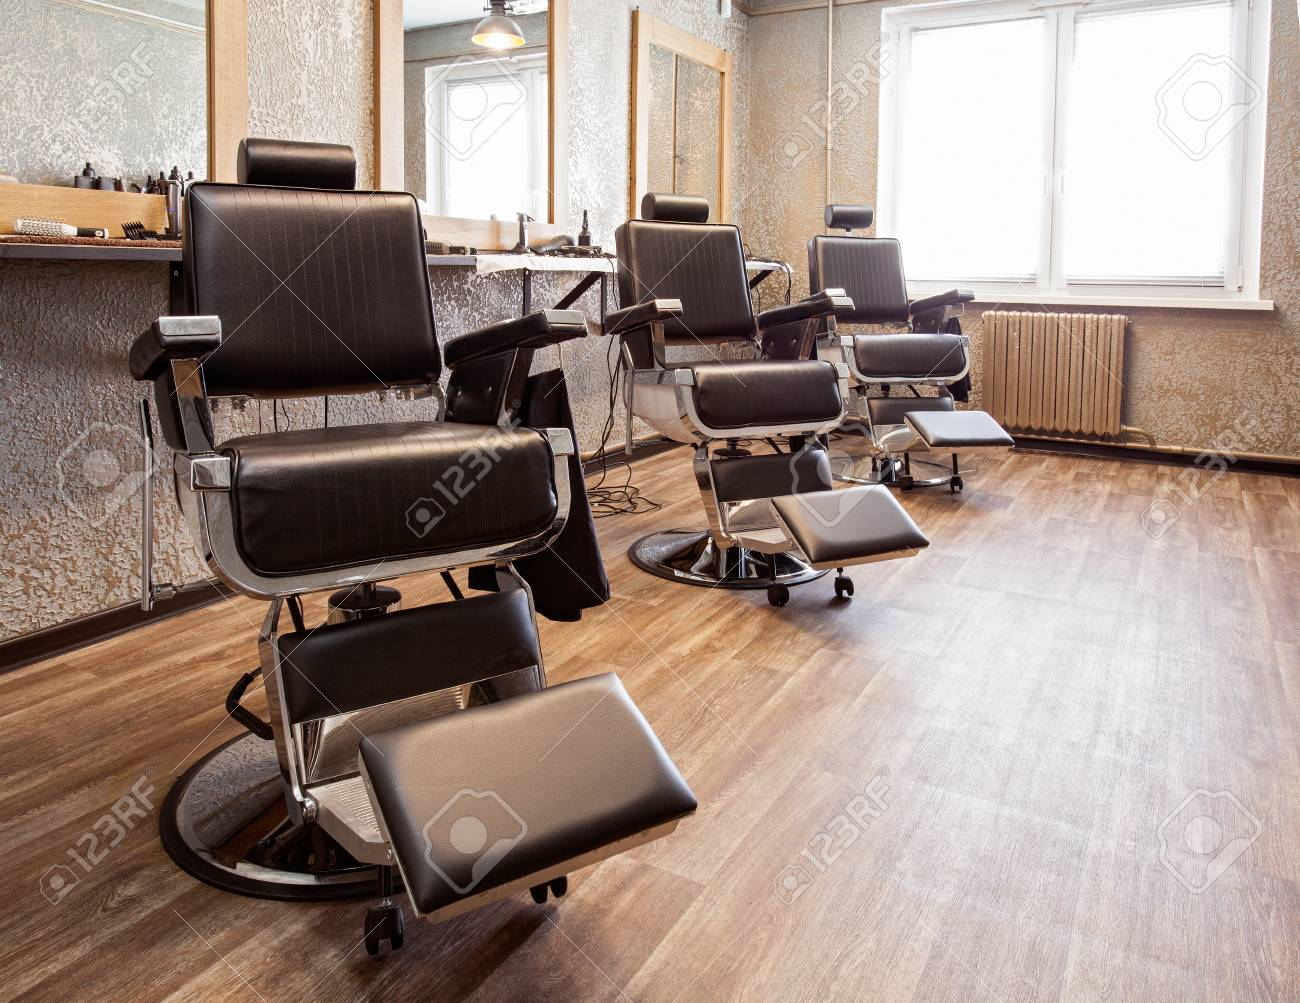 Lieu de travail. Intérieur d\'un salon de coiffure, des fauteuils pour les  clients